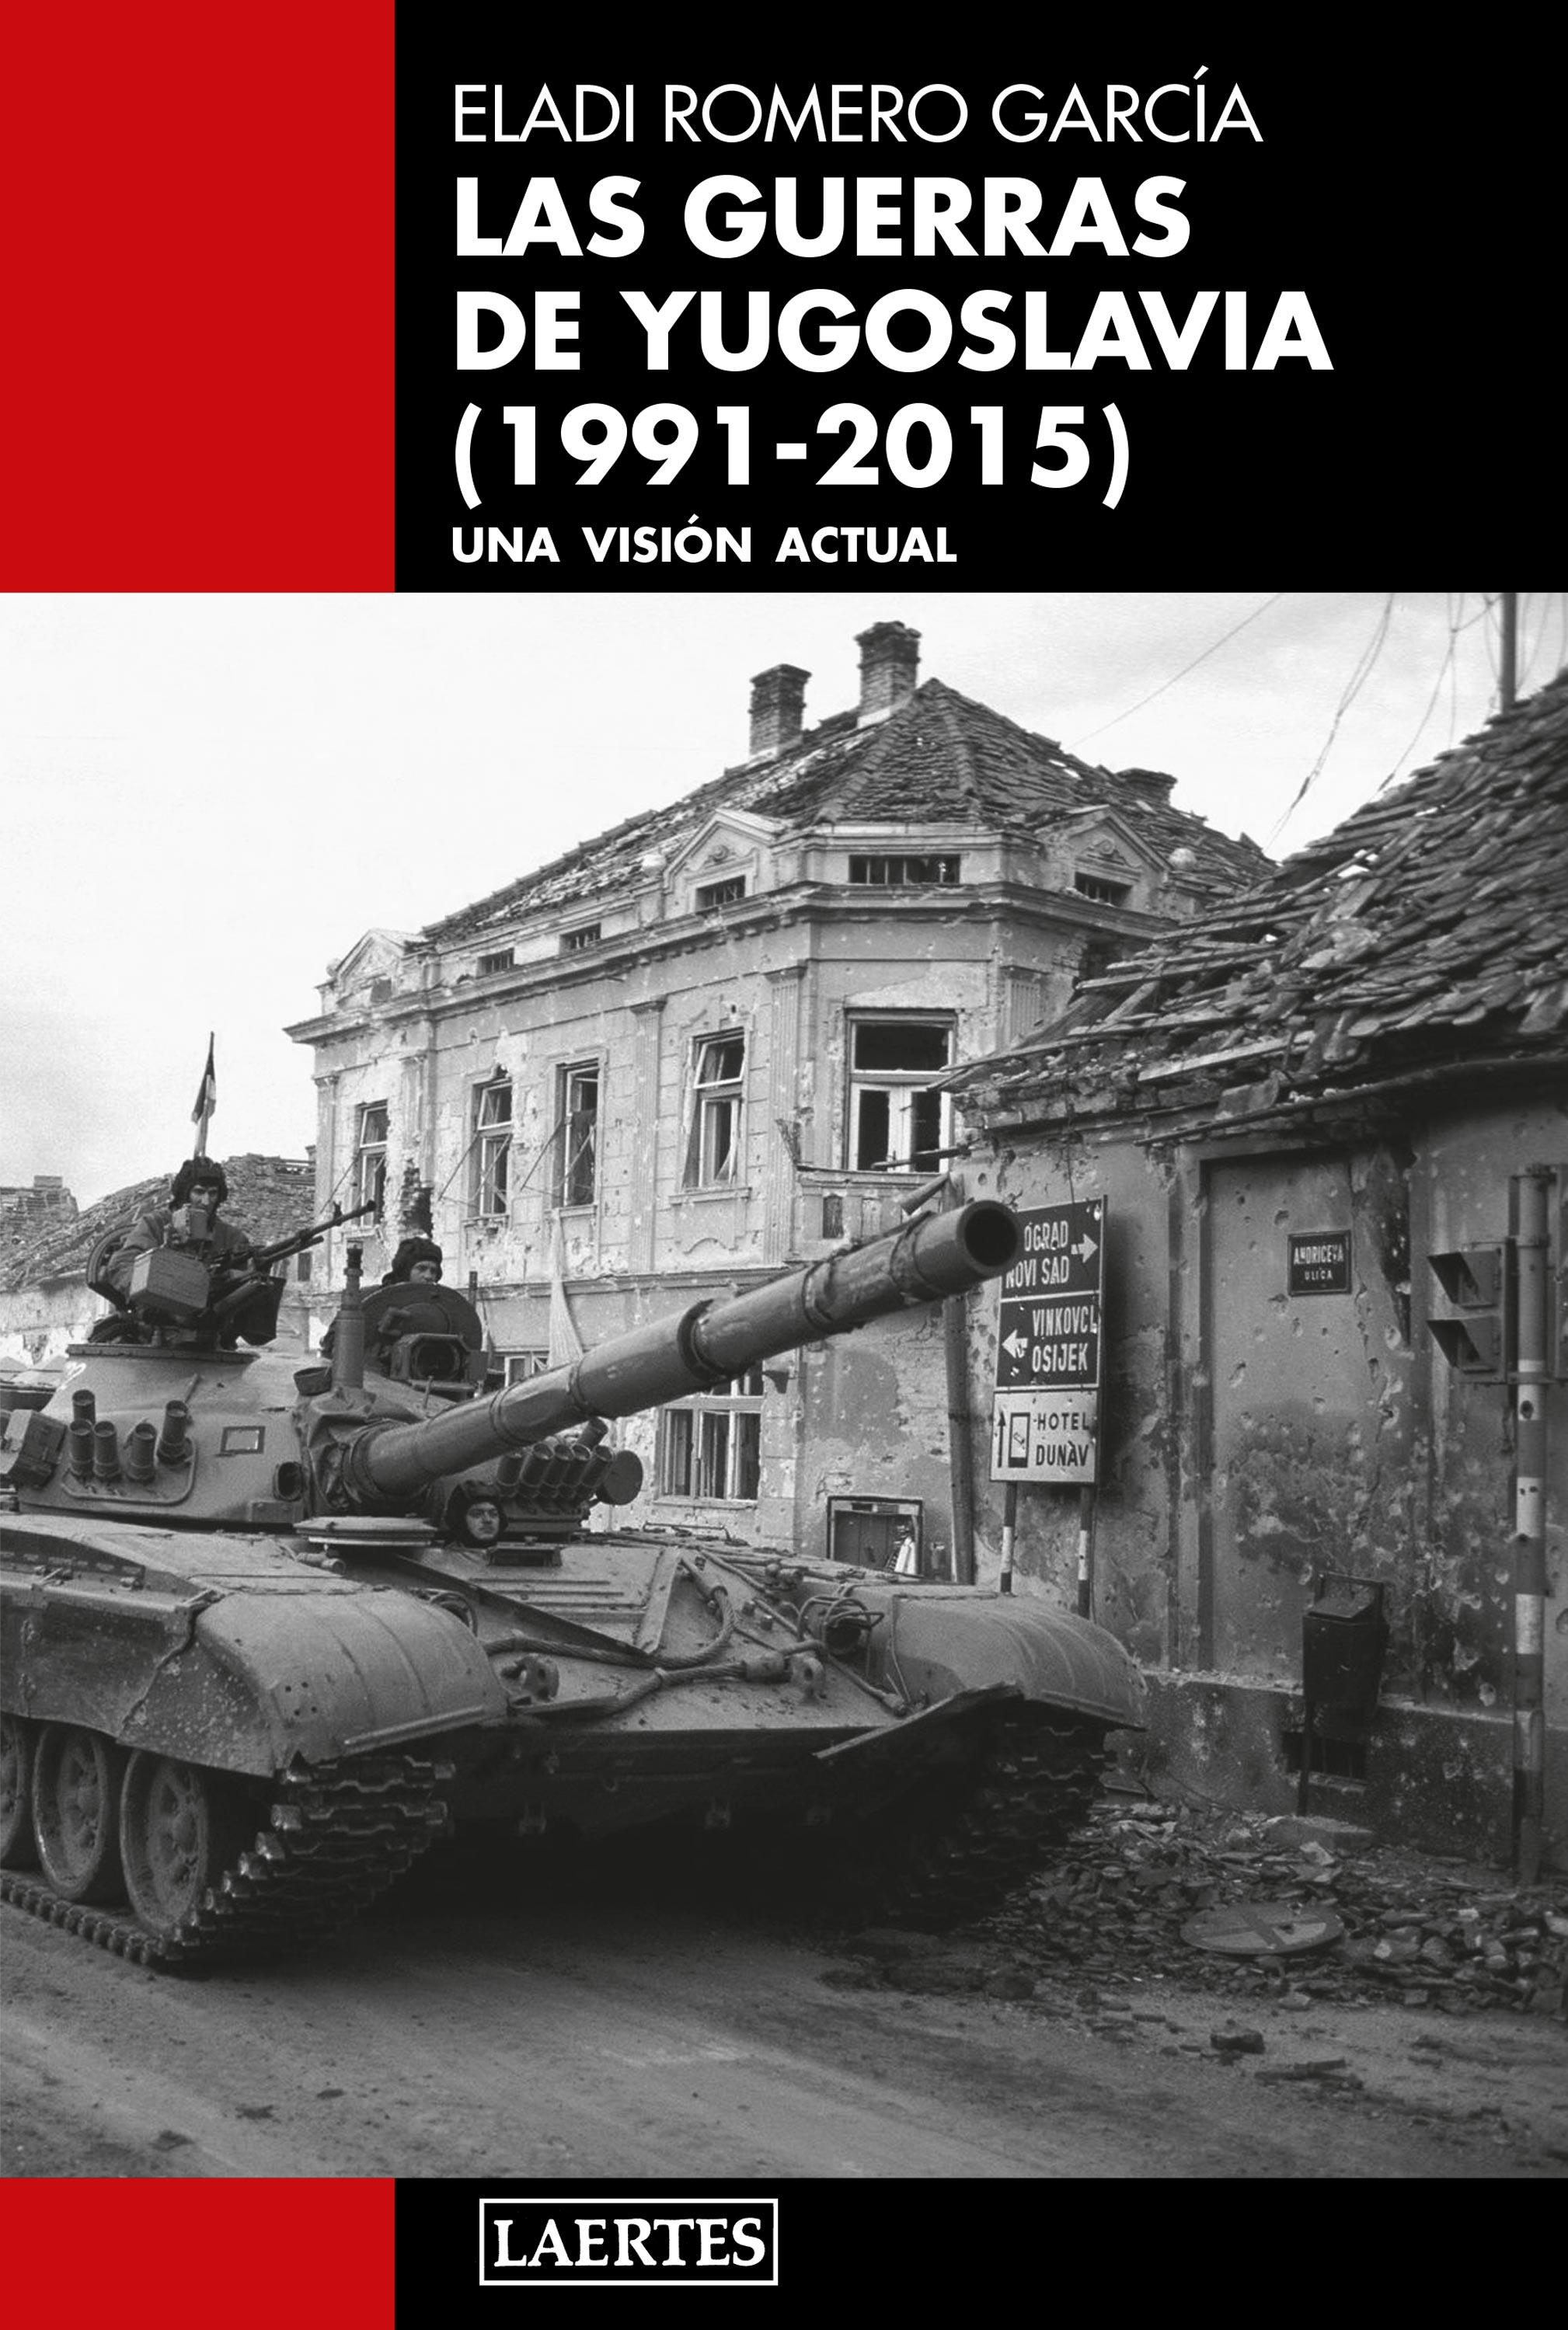 GUERRAS DE YUGOSLAVIA, LAS (1991-2015) «UNA VISION ACTUAL»